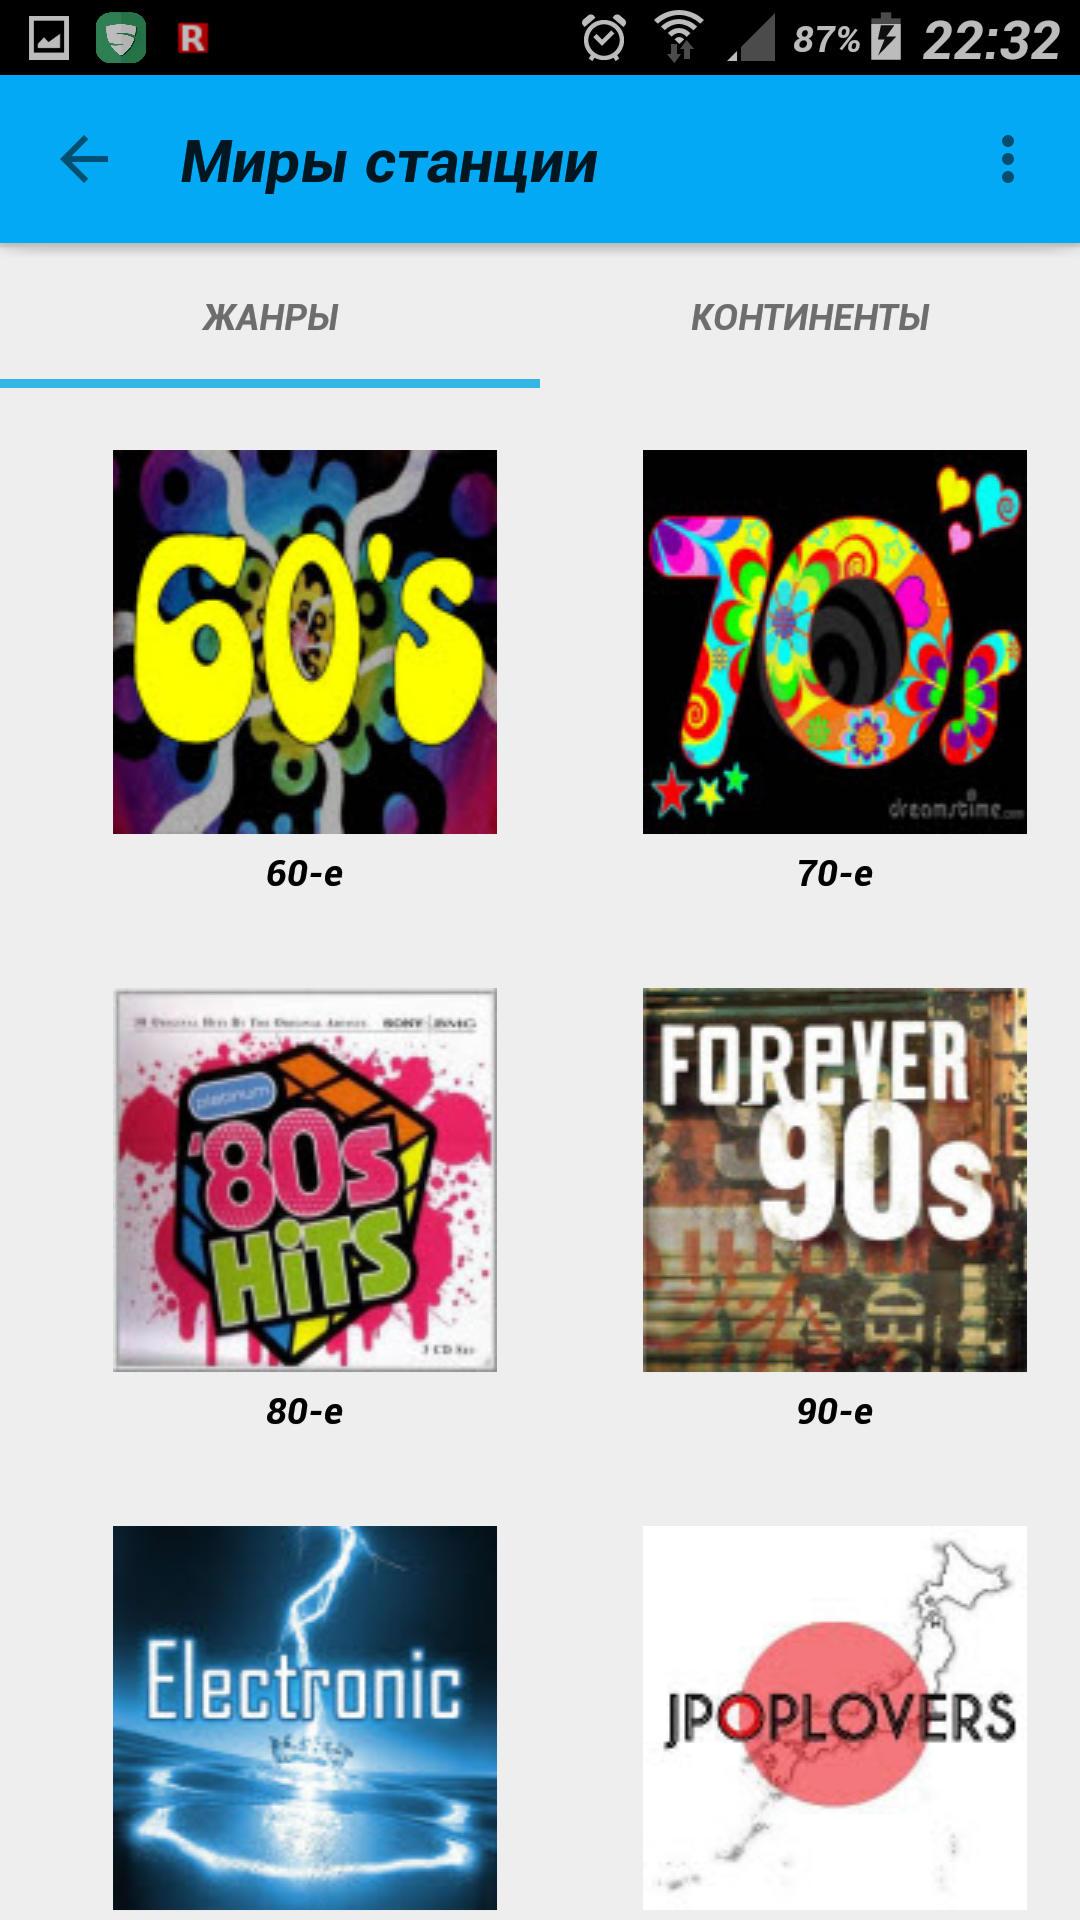 Radio record 5. 9. 61 apk download android музыка и аудио приложения.